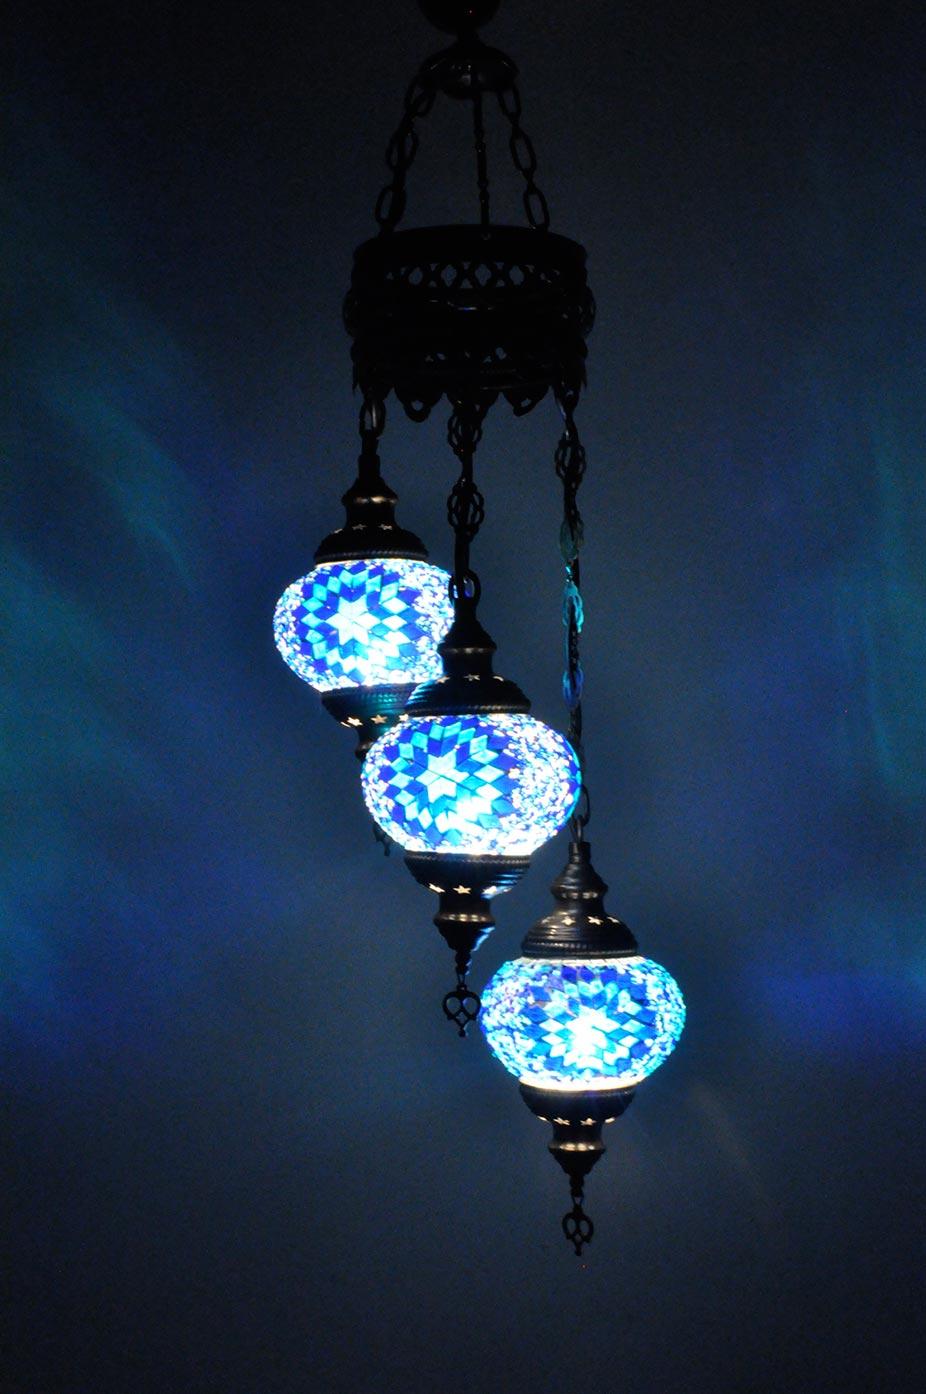 Lampe turque suspendue avec 3 globes mosaïque en spirale